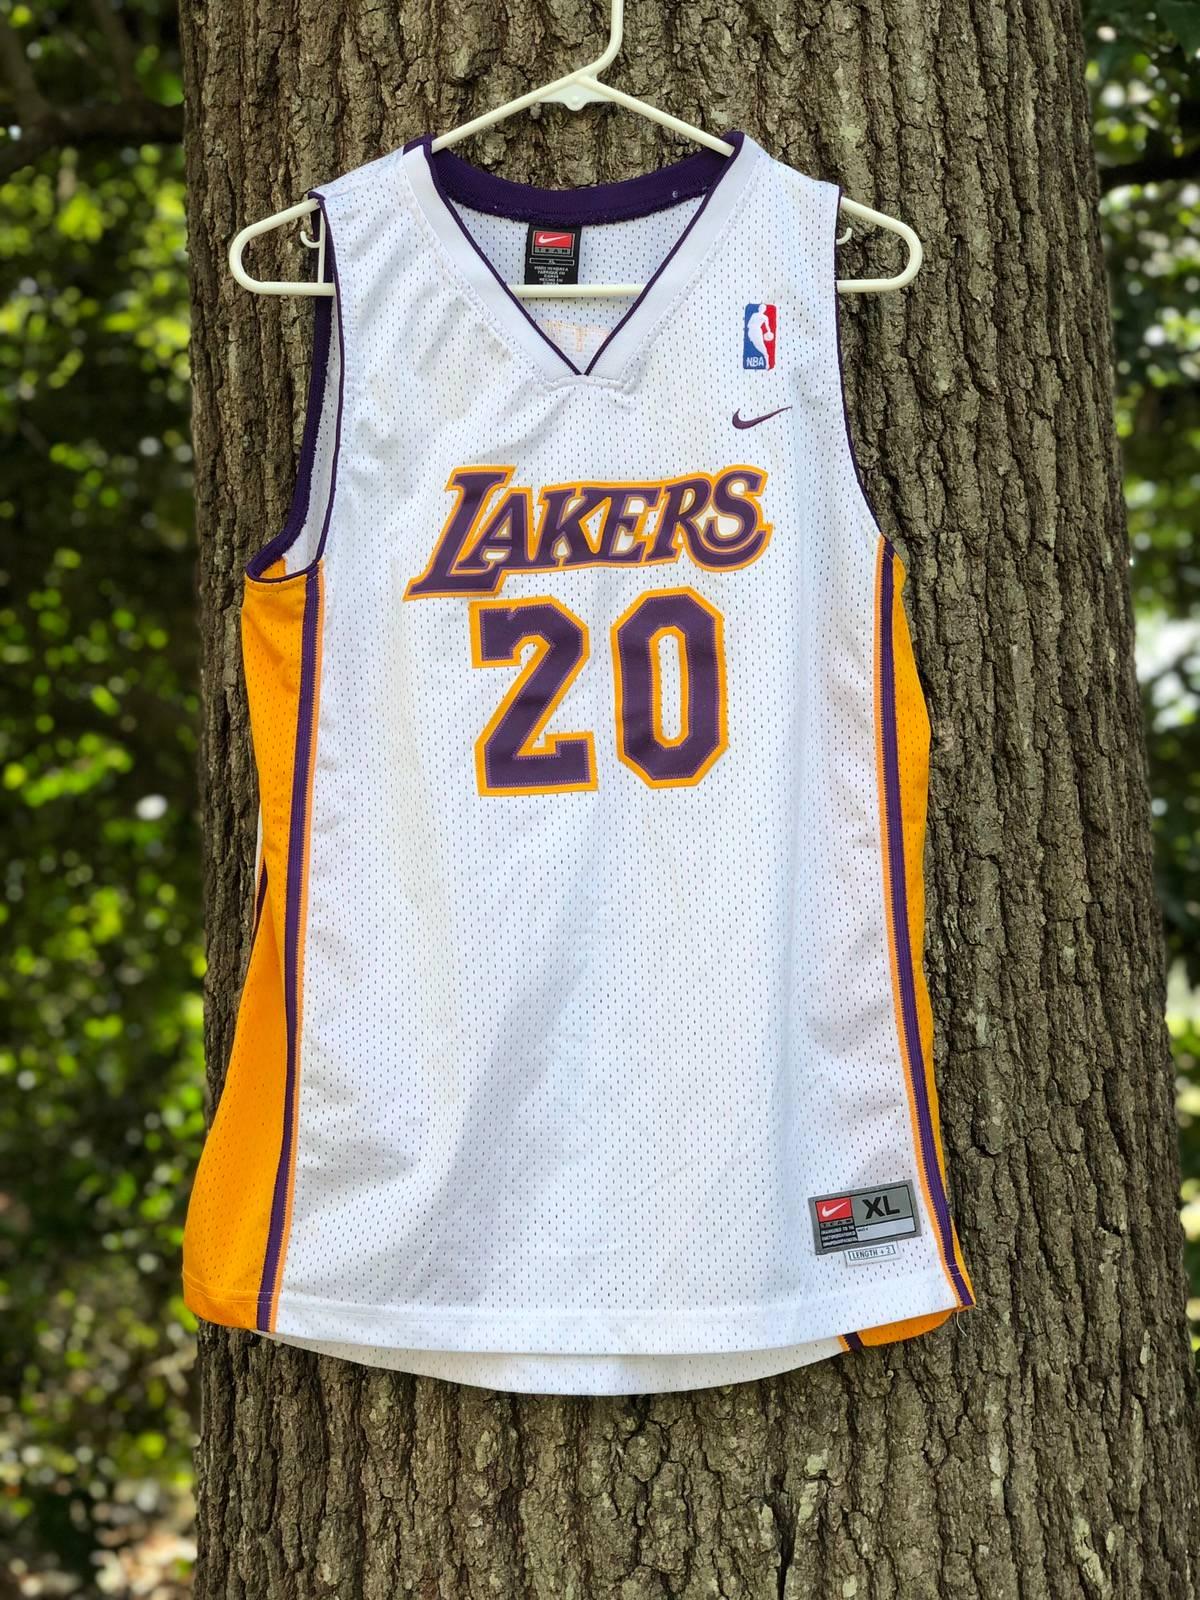 Nike Gary Payton Lakers Basketball Jersey